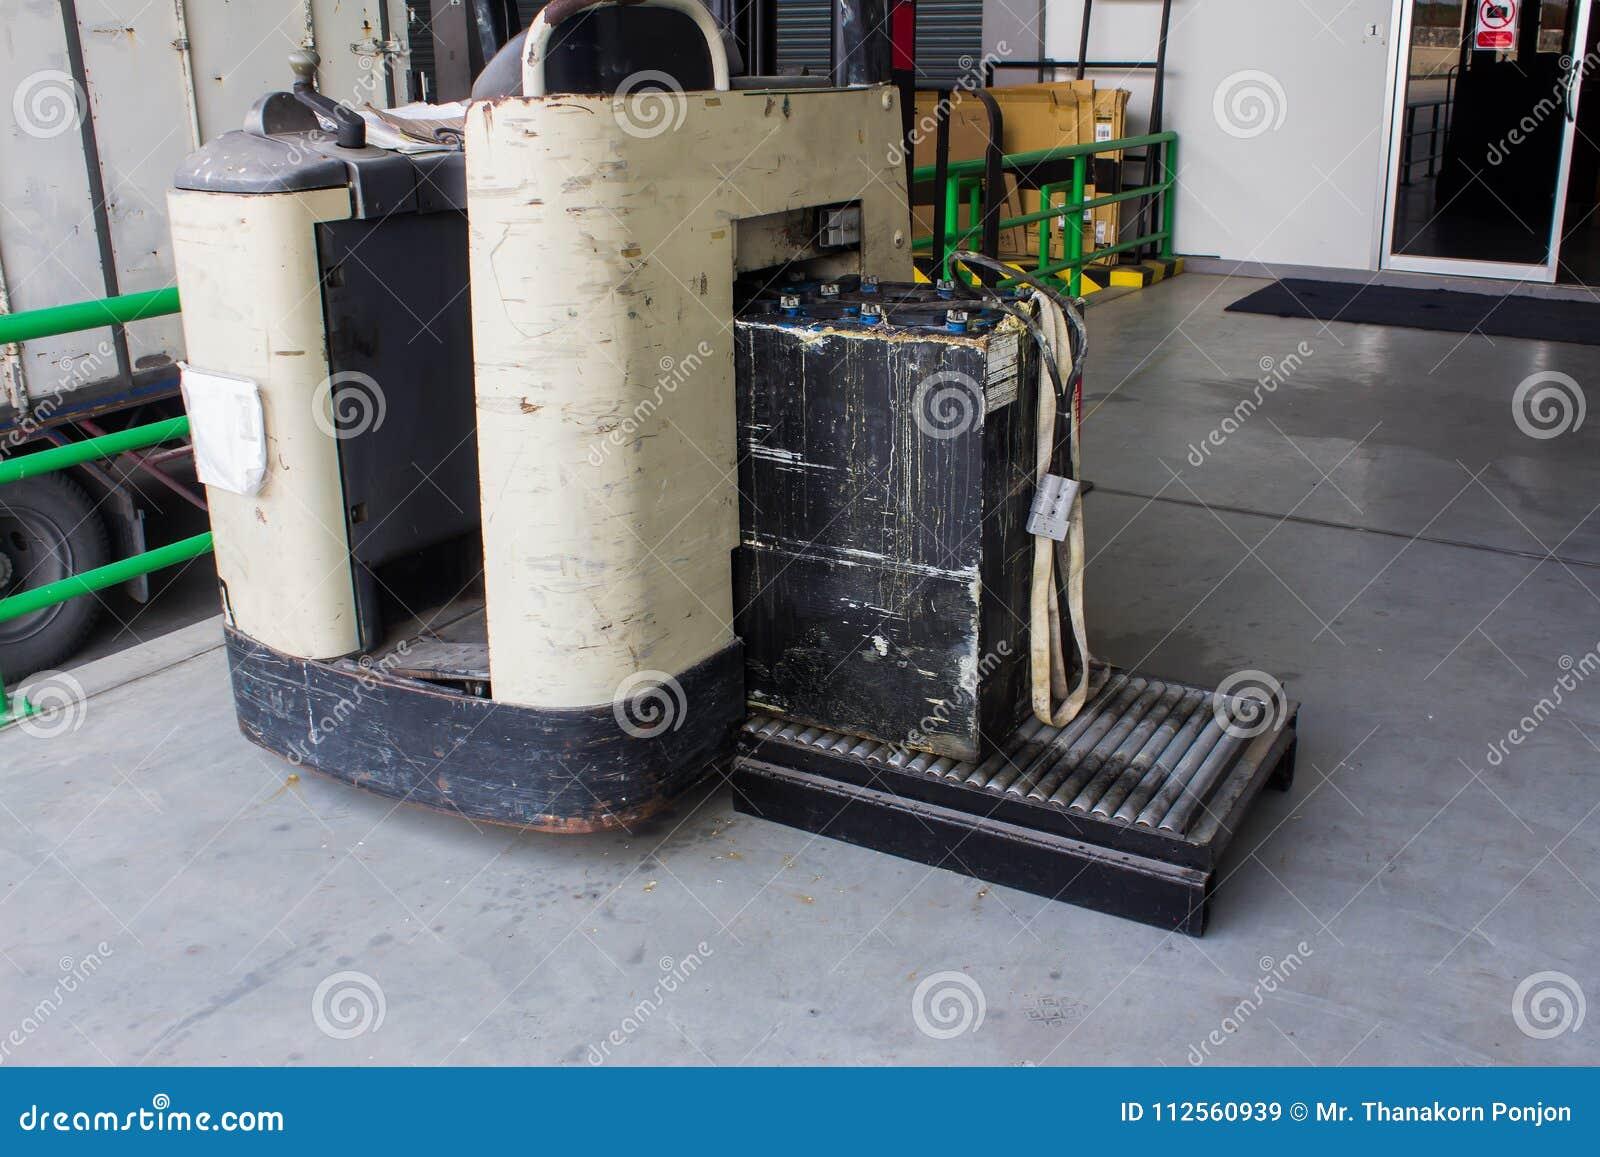 Neuladen elektrisch für Gabelstapler, Ladegerät und Förderer